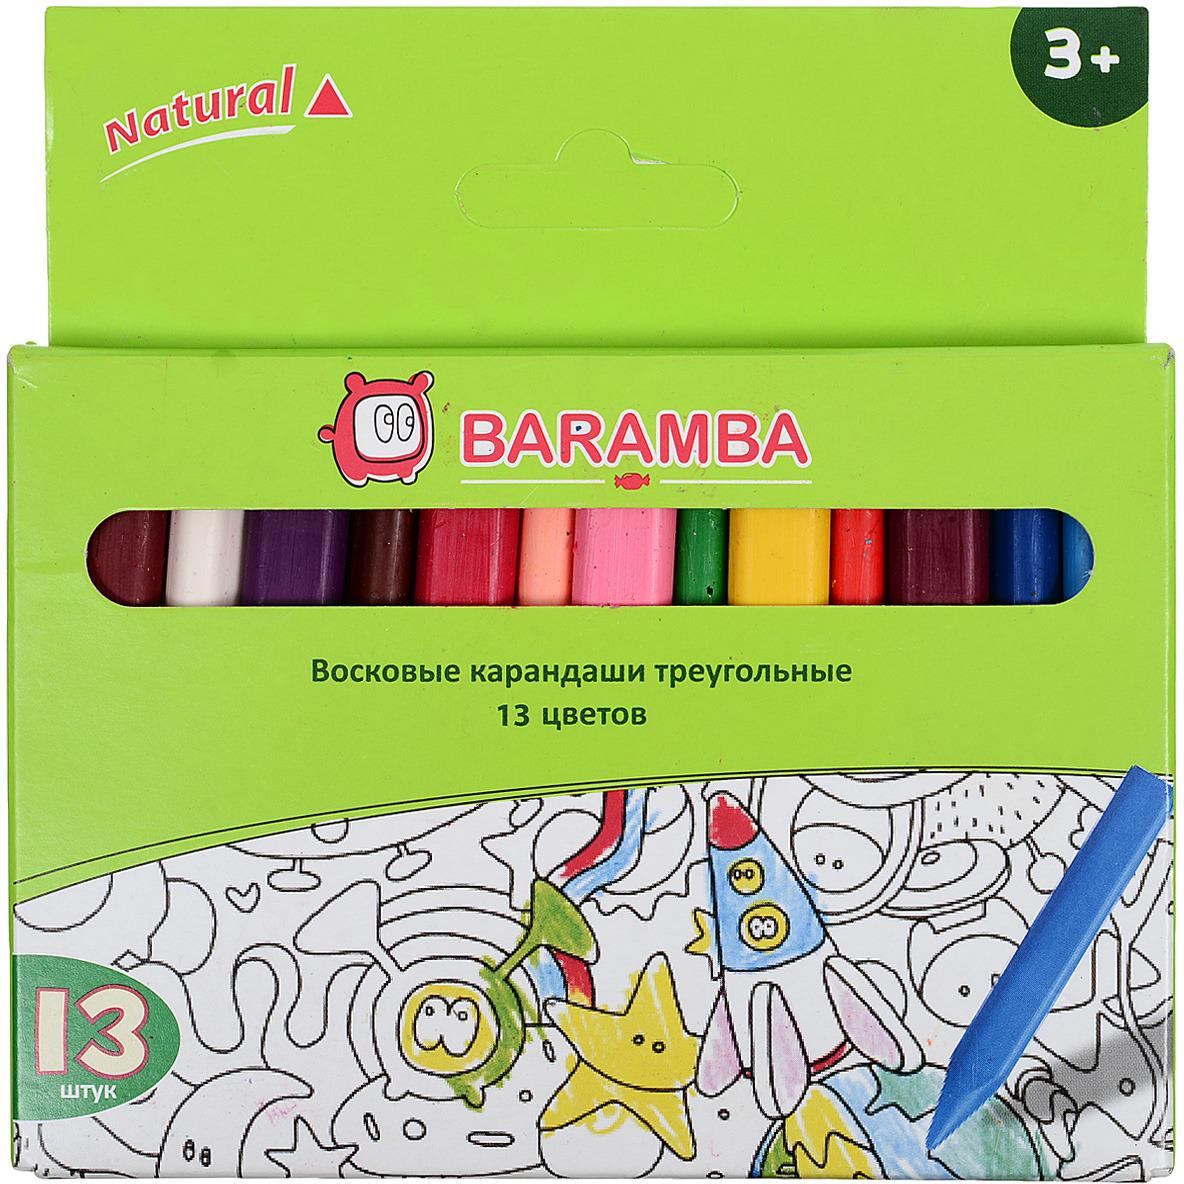 Набор восковых треугольных карандашей в картонной коробке 13 шт Для детей от 3х лет! набор восковых треугольных карандашей 15 цветов